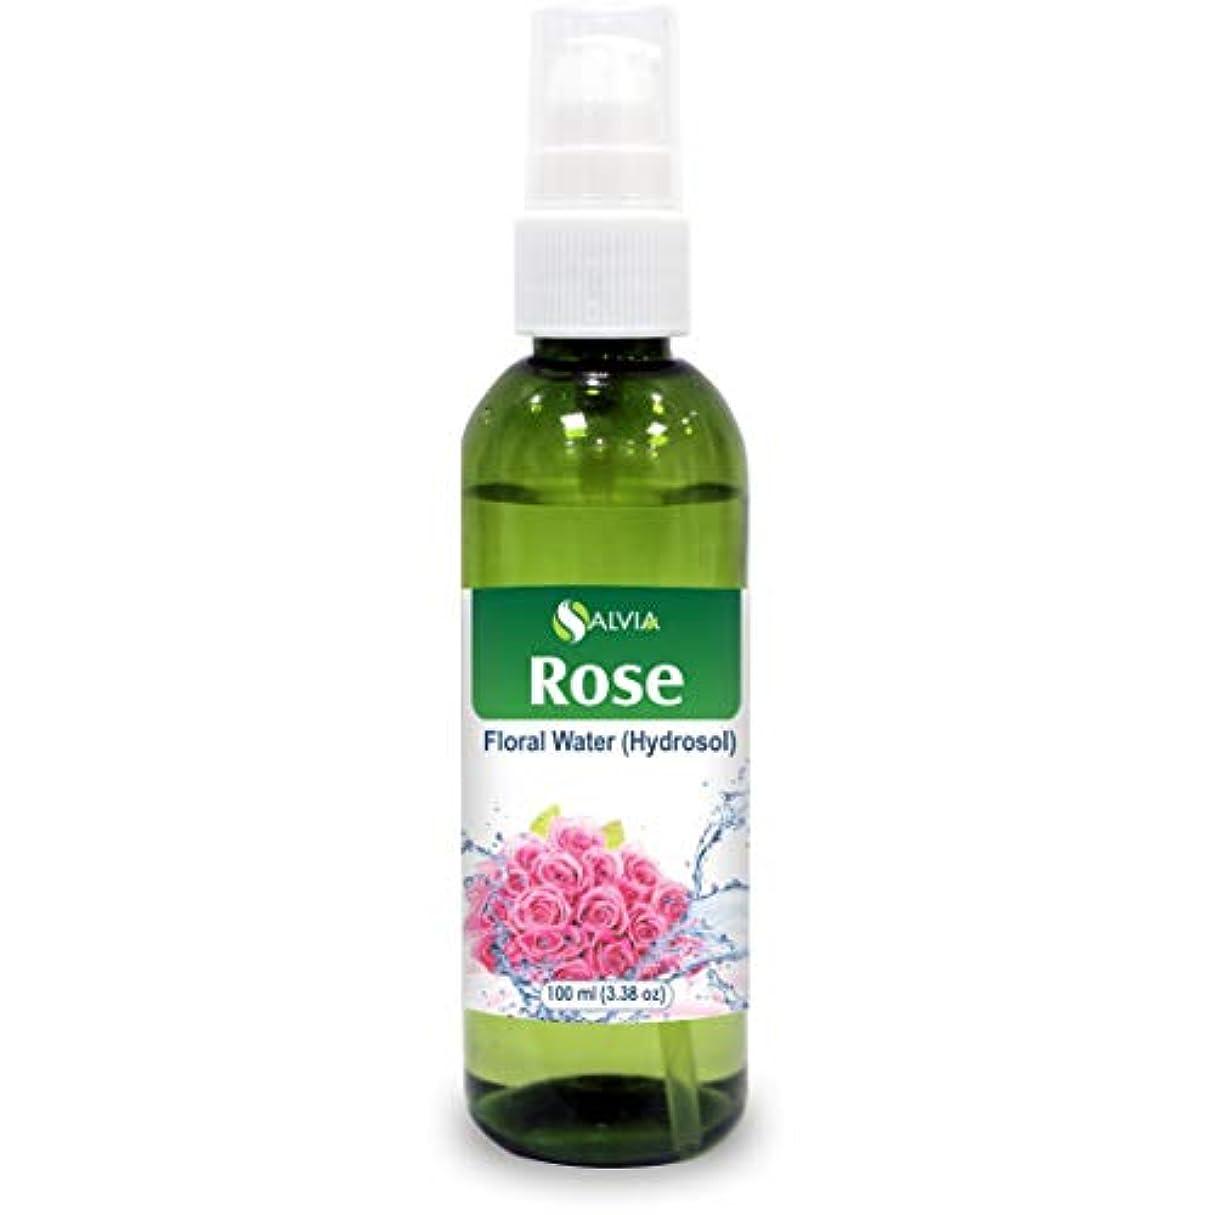 コカイン可動式レオナルドダRose Floral Water 100ml (Hydrosol) 100% Pure And Natural